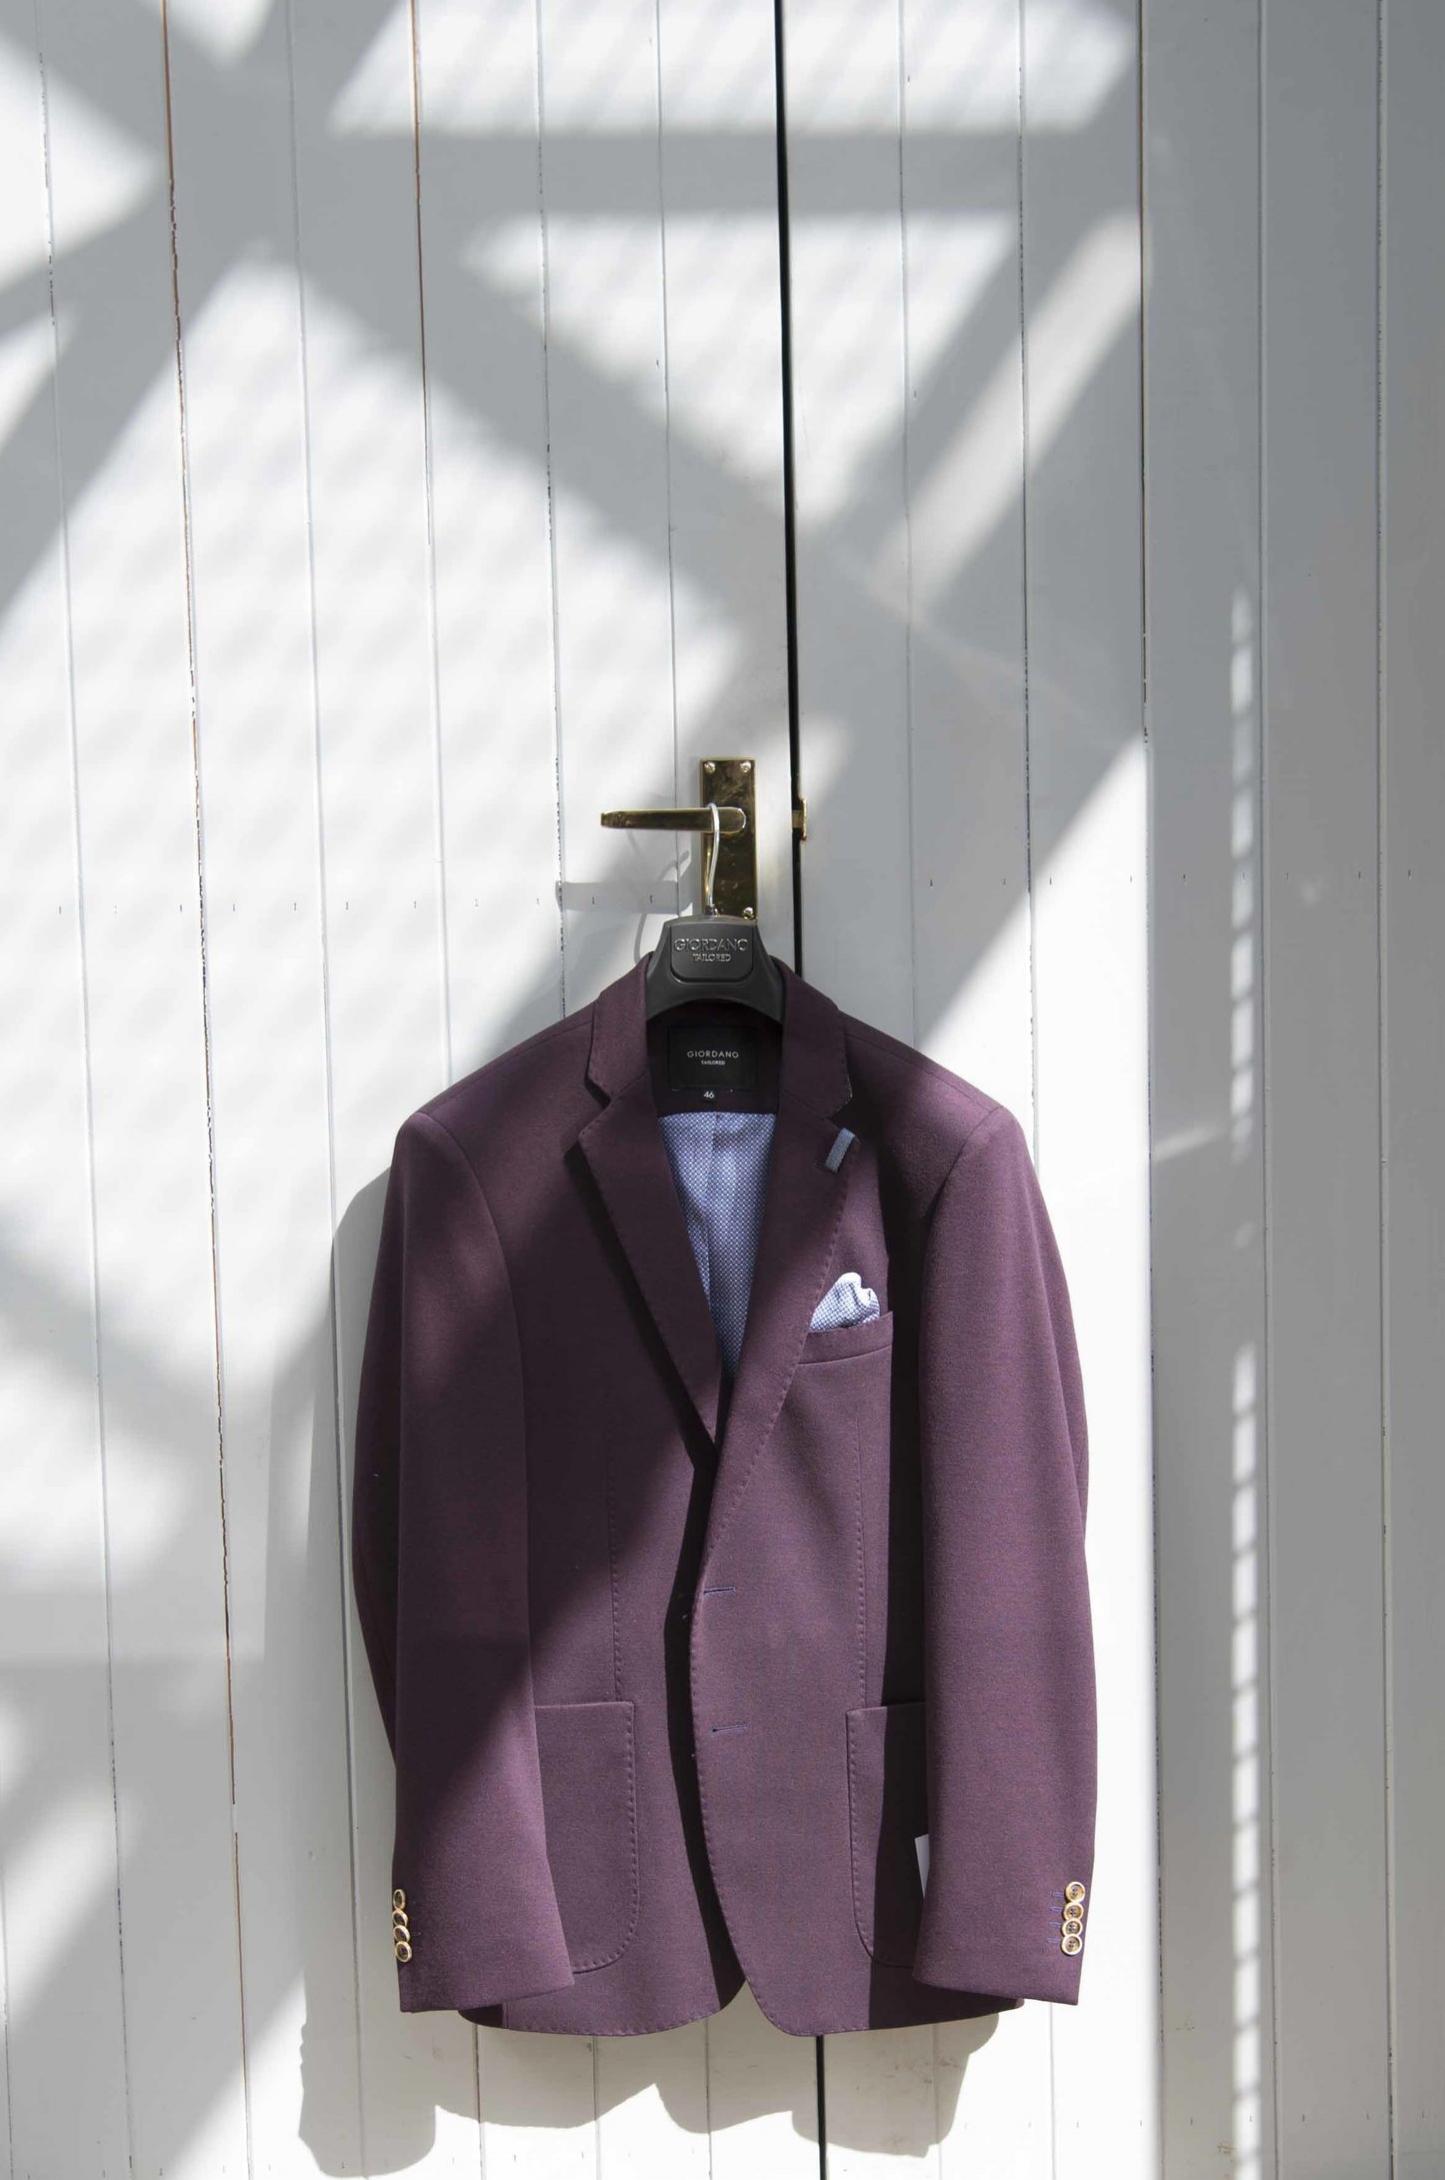 Plum coloured men's jacket